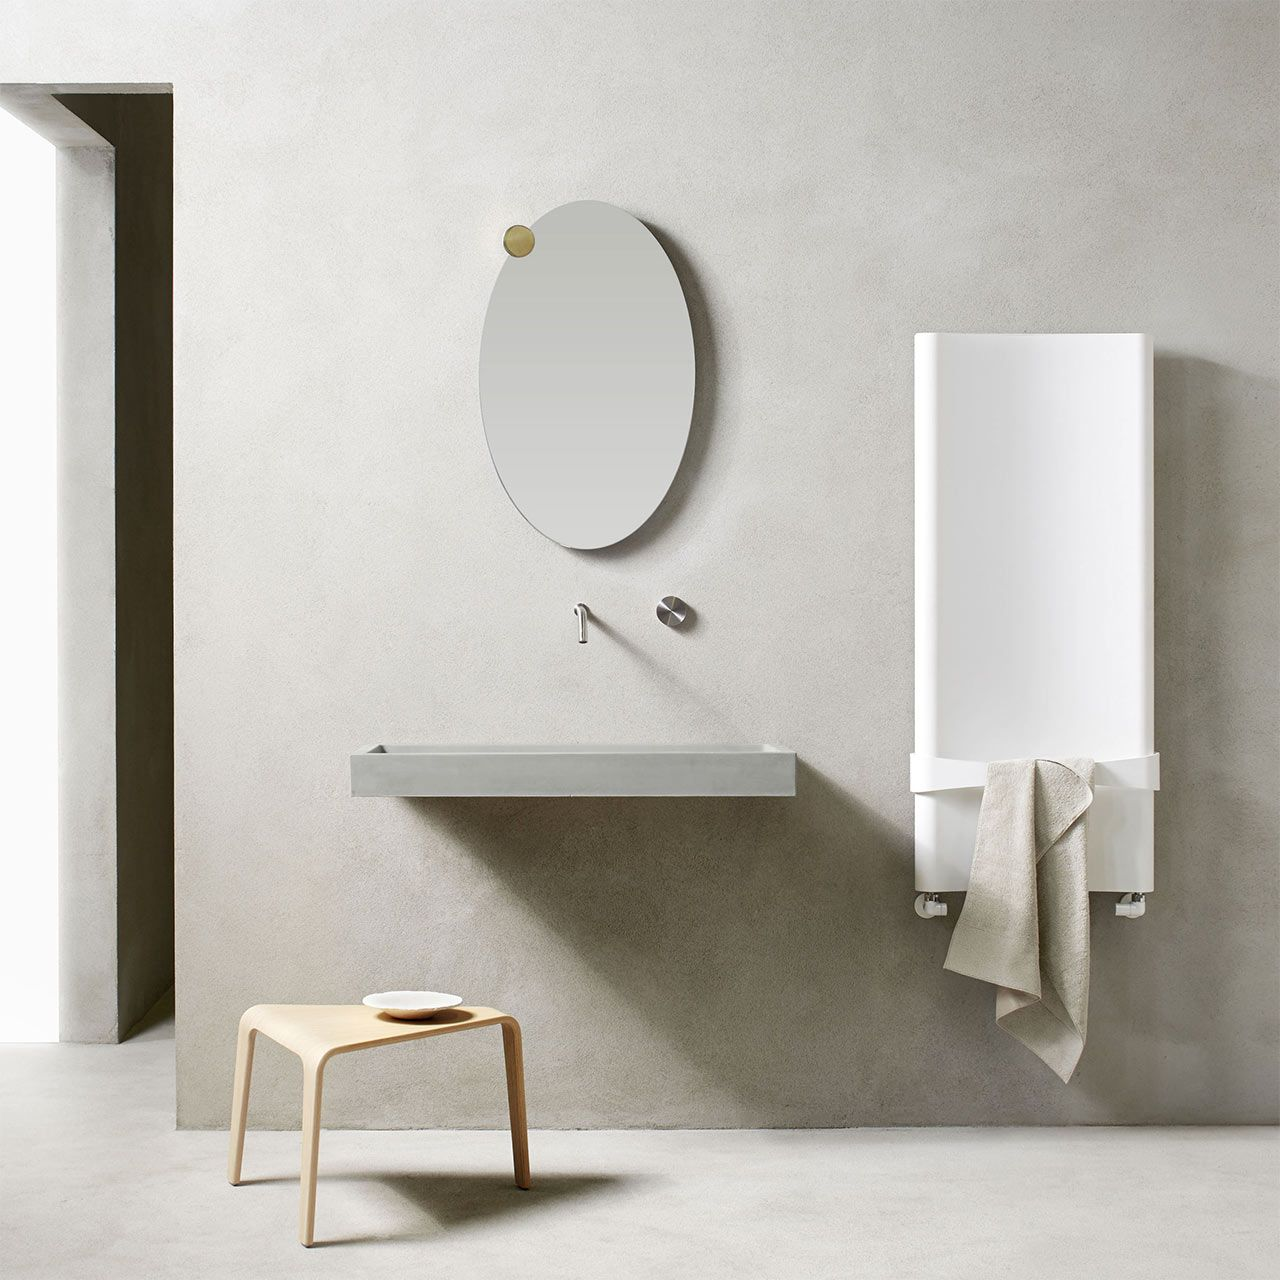 In the bathroom Caleido, radiator Bent